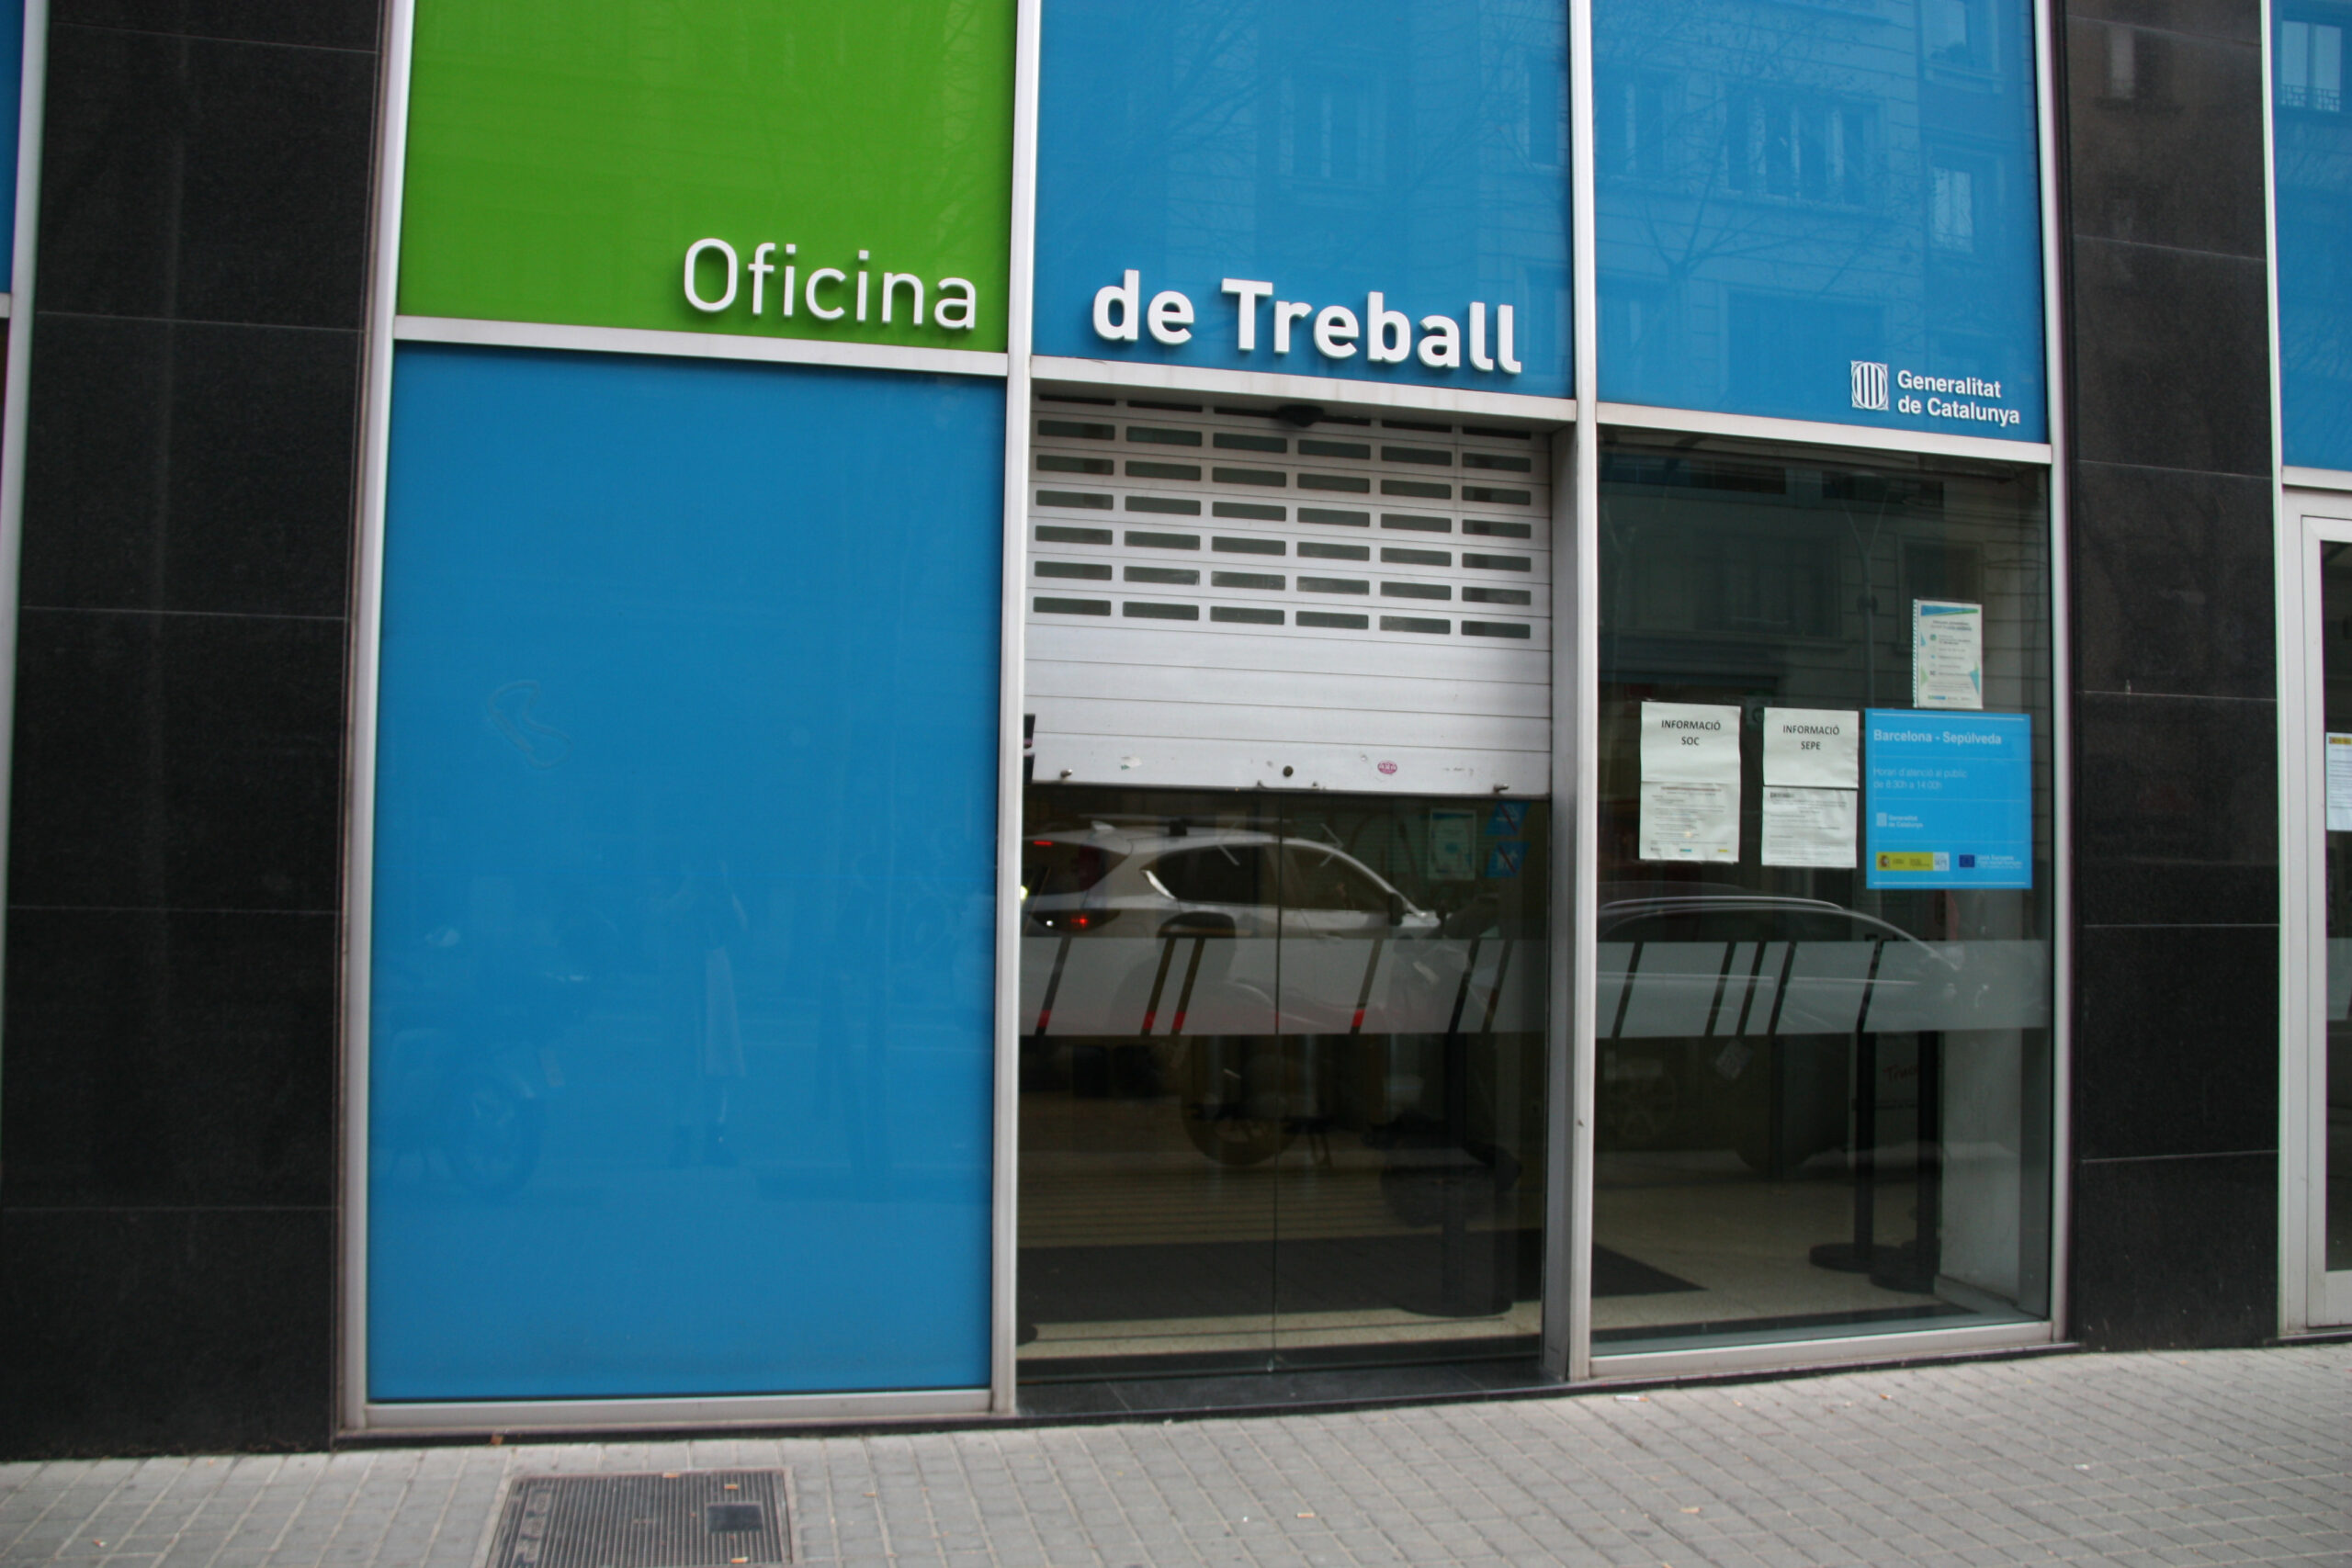 Unes Oficines del Servei d'Ocupació de Catalunya | ACN